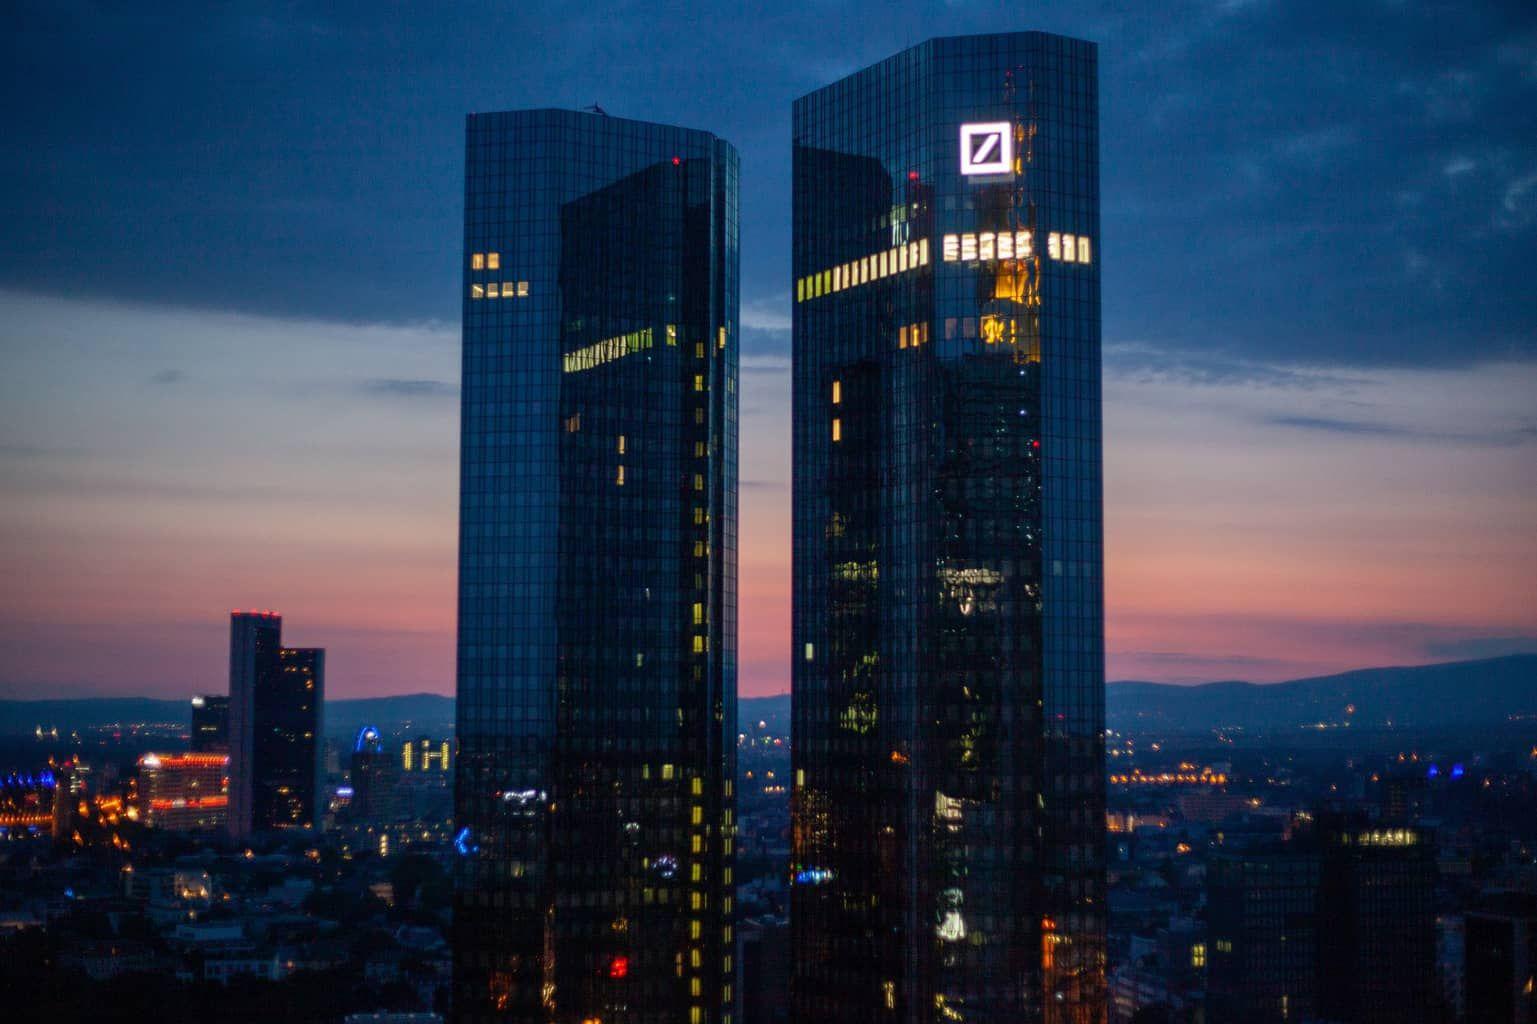 Deutsche Bank Sagt Bitcoin Sei Zu Volatil Um Ein Zuverlassiger Wertspeicher Zu Sein Auch Bitcoin Zahlungen Ste In 2020 Kryptowahrung Blockchain Wirtschaftskrise